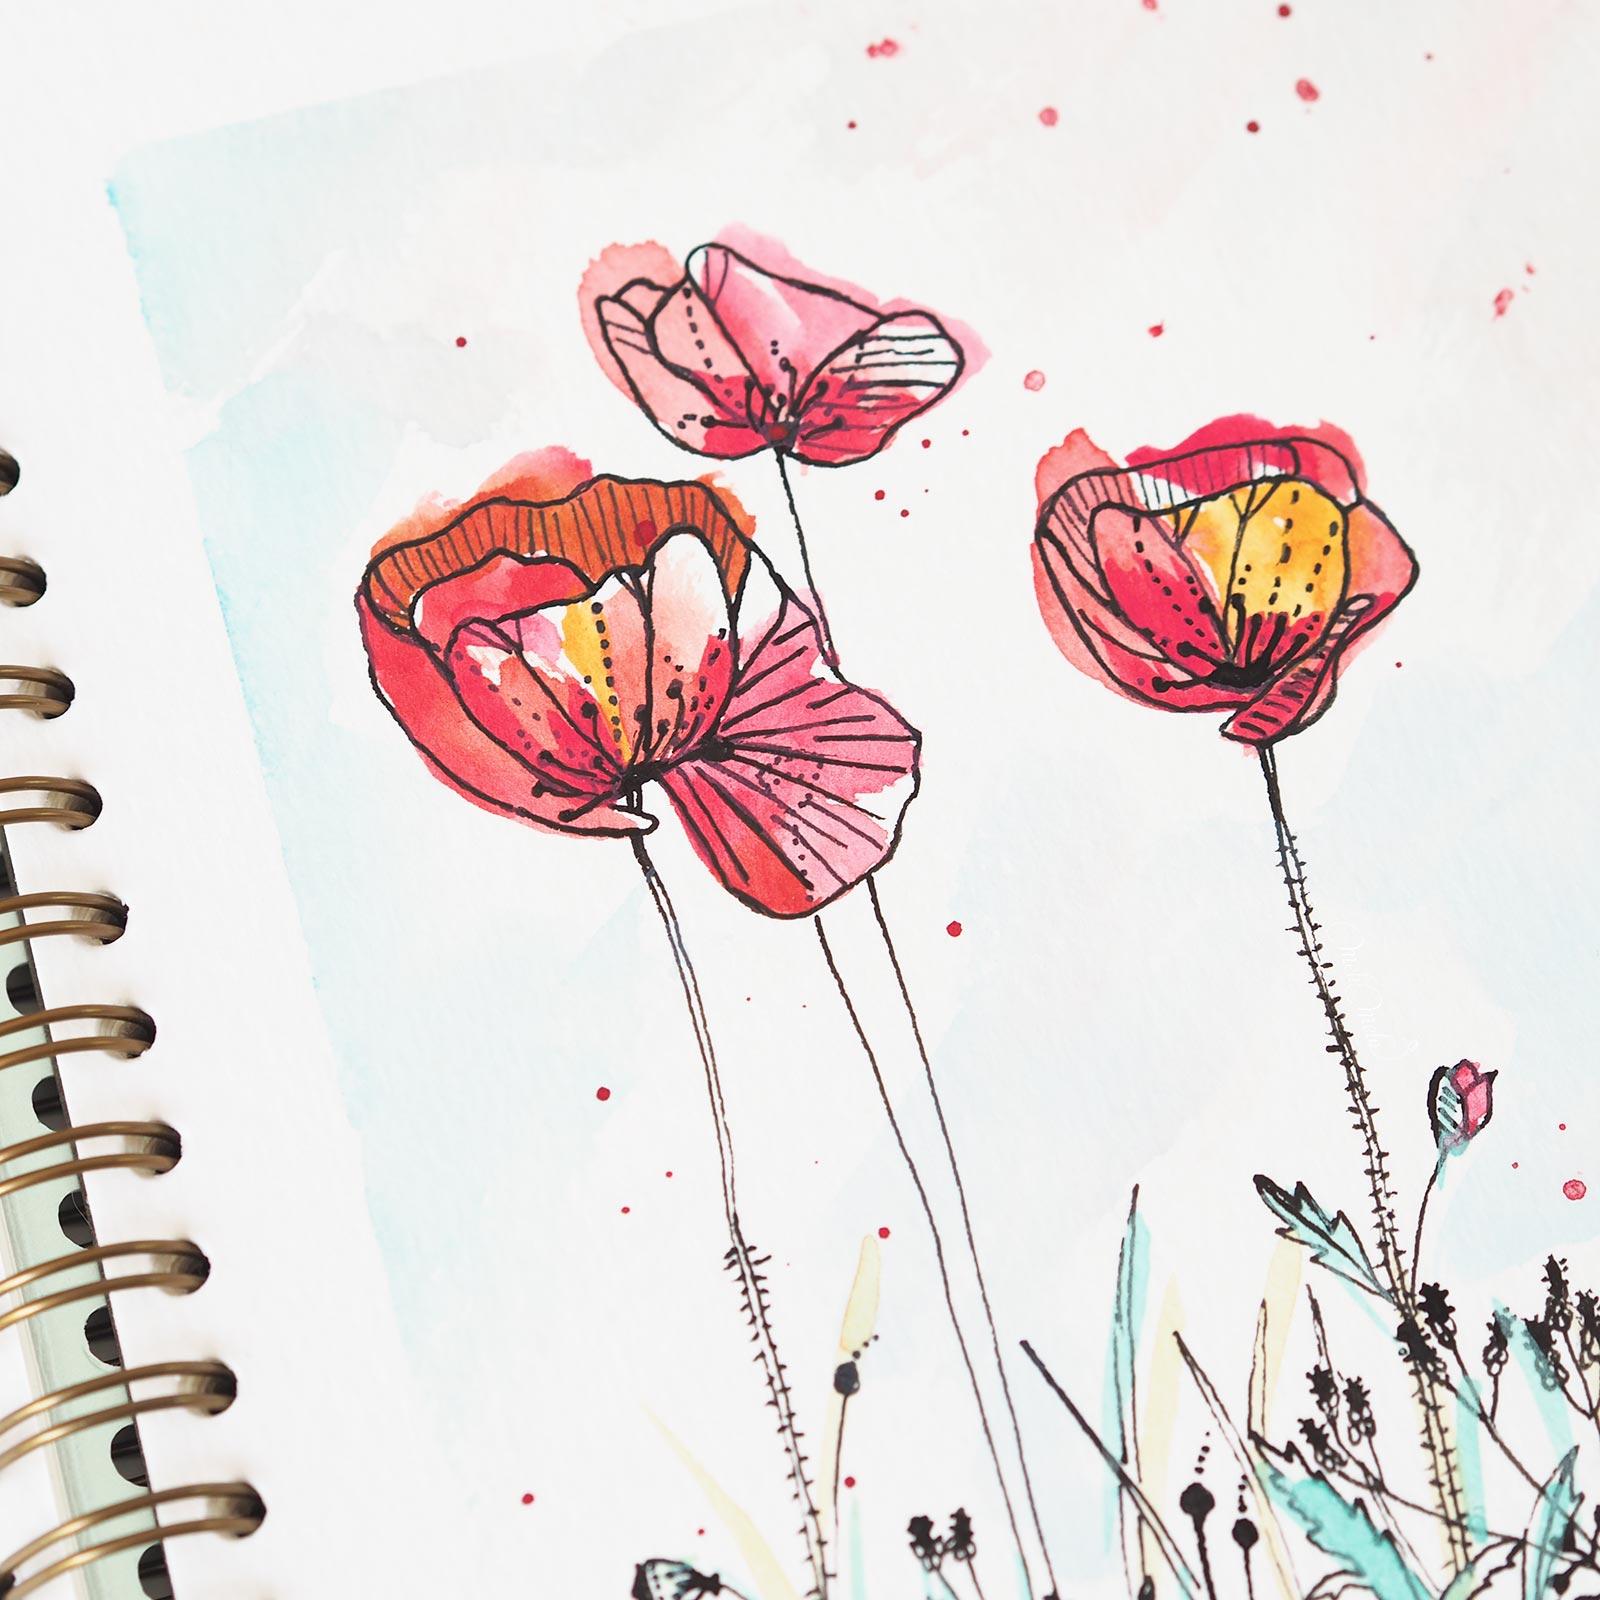 poppies coquelicots-aquarelle-watercolor-pastel-dreams-confections-prima-laboutiquedemelimelo